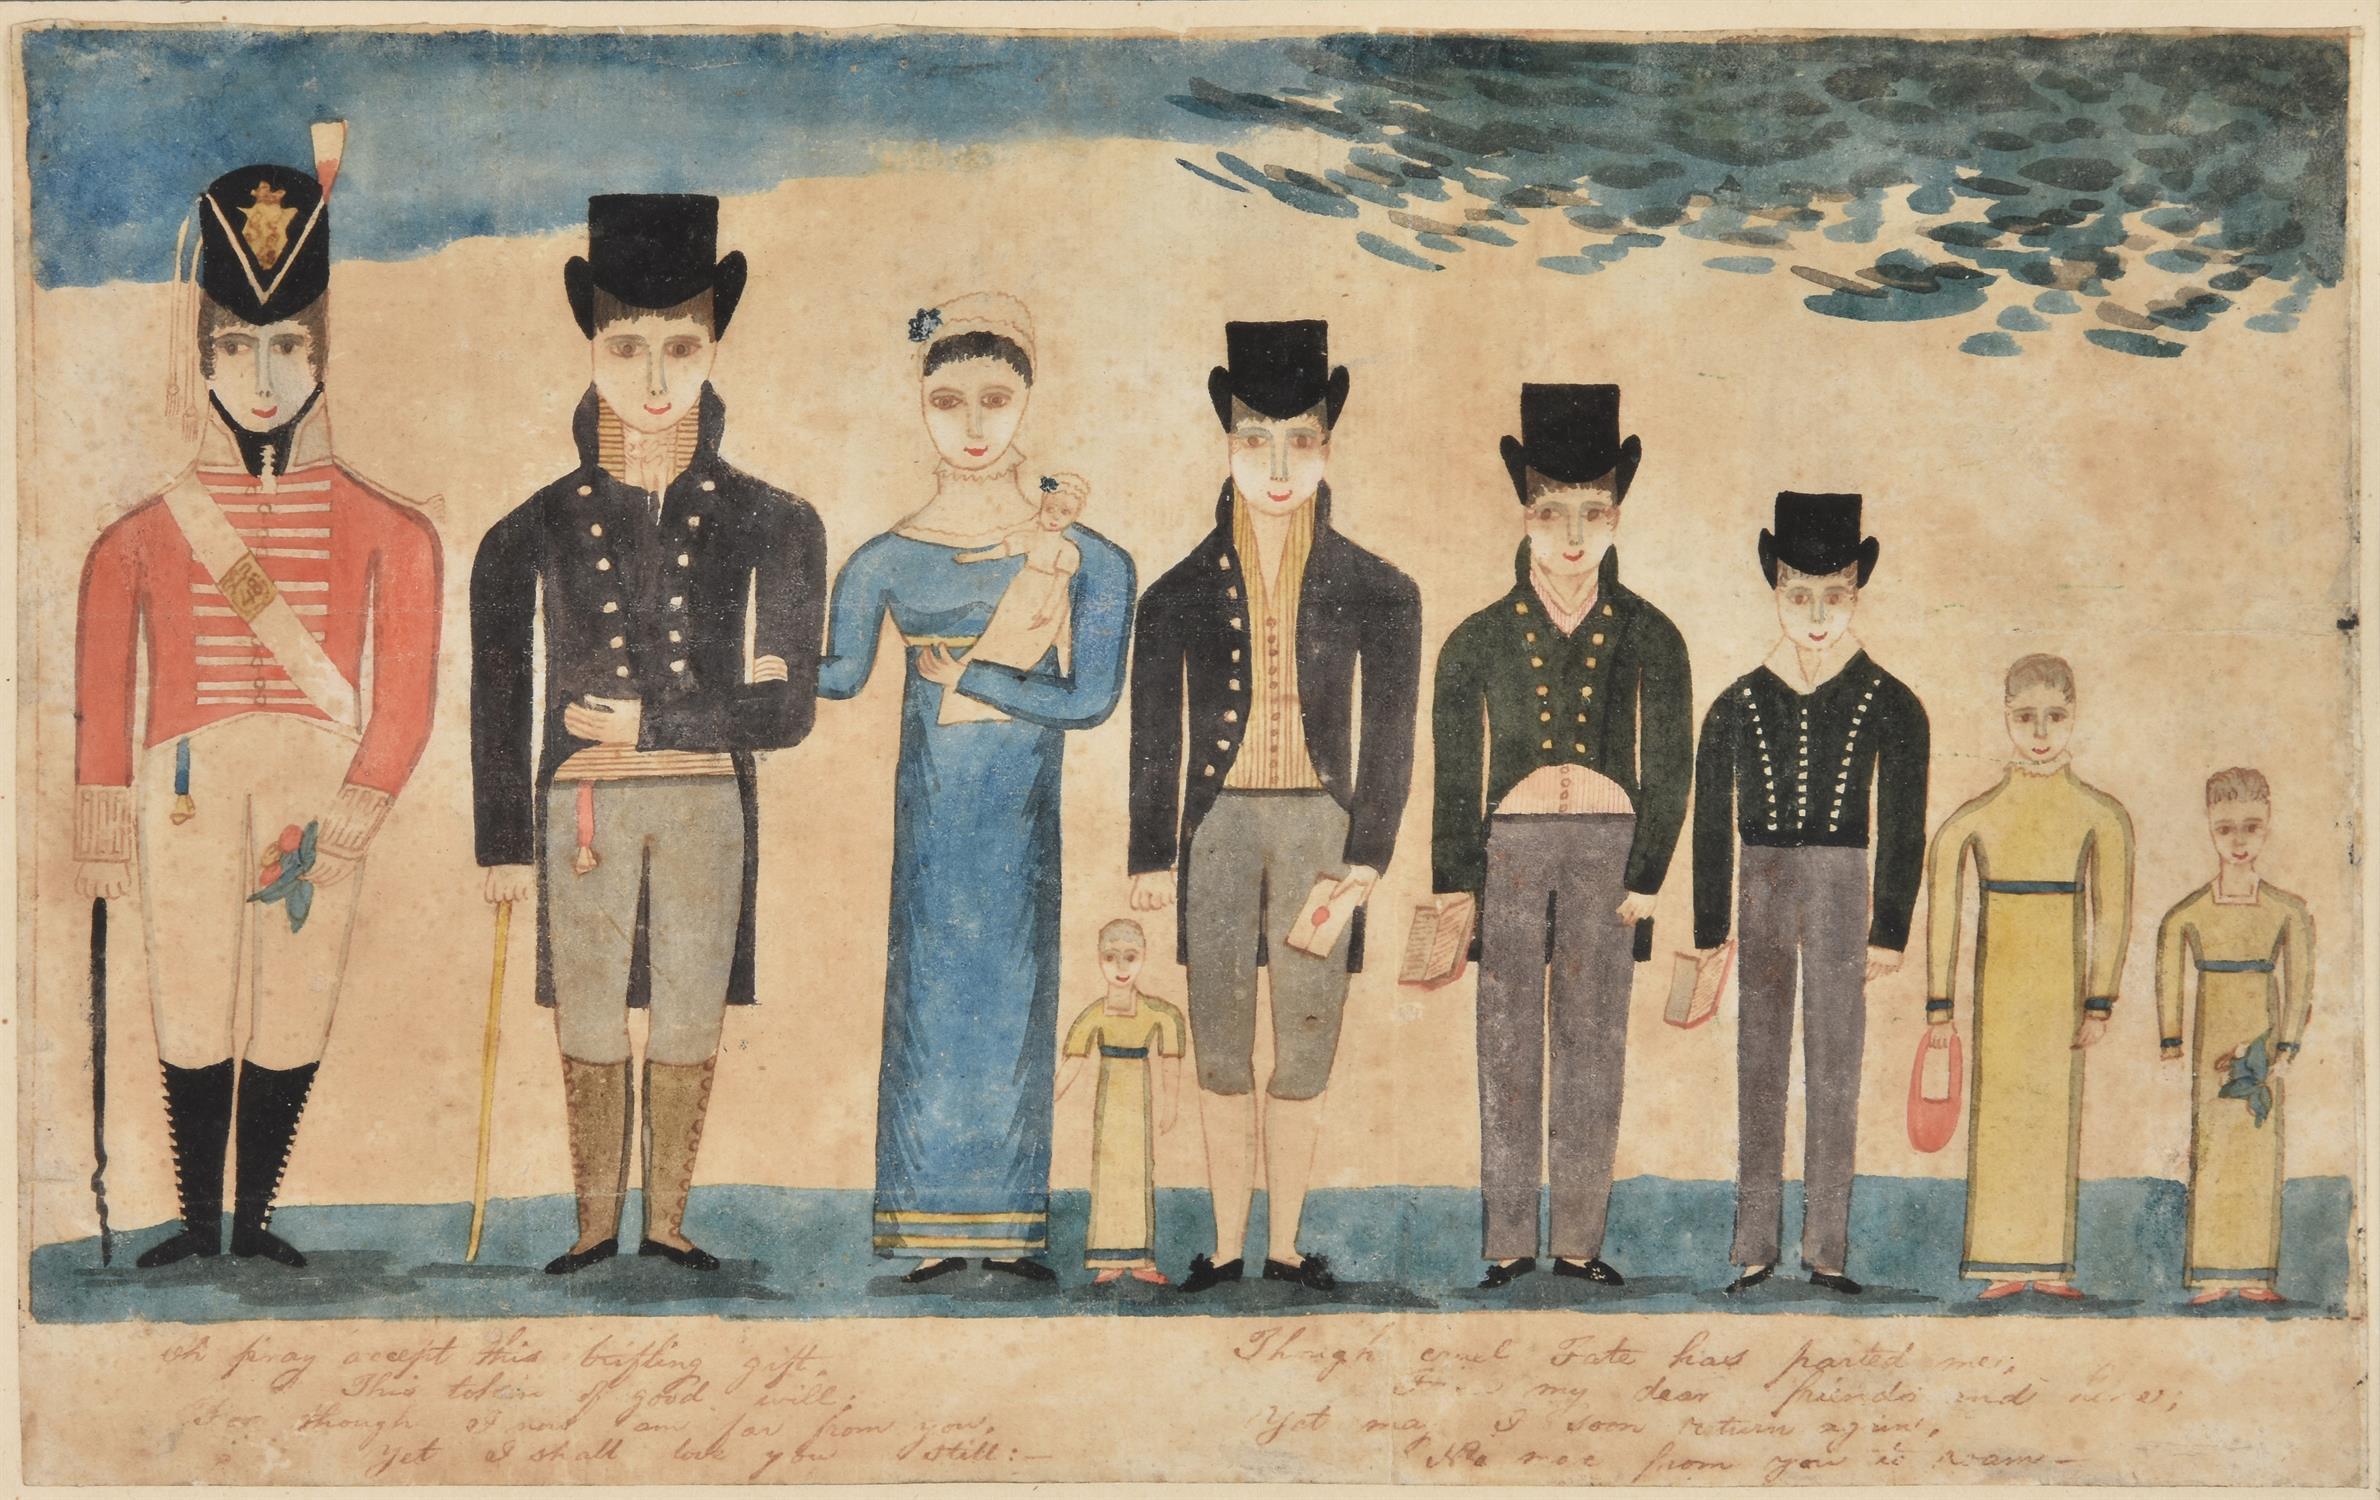 Irish School (c.1816), William Winter and his family - Image 2 of 2